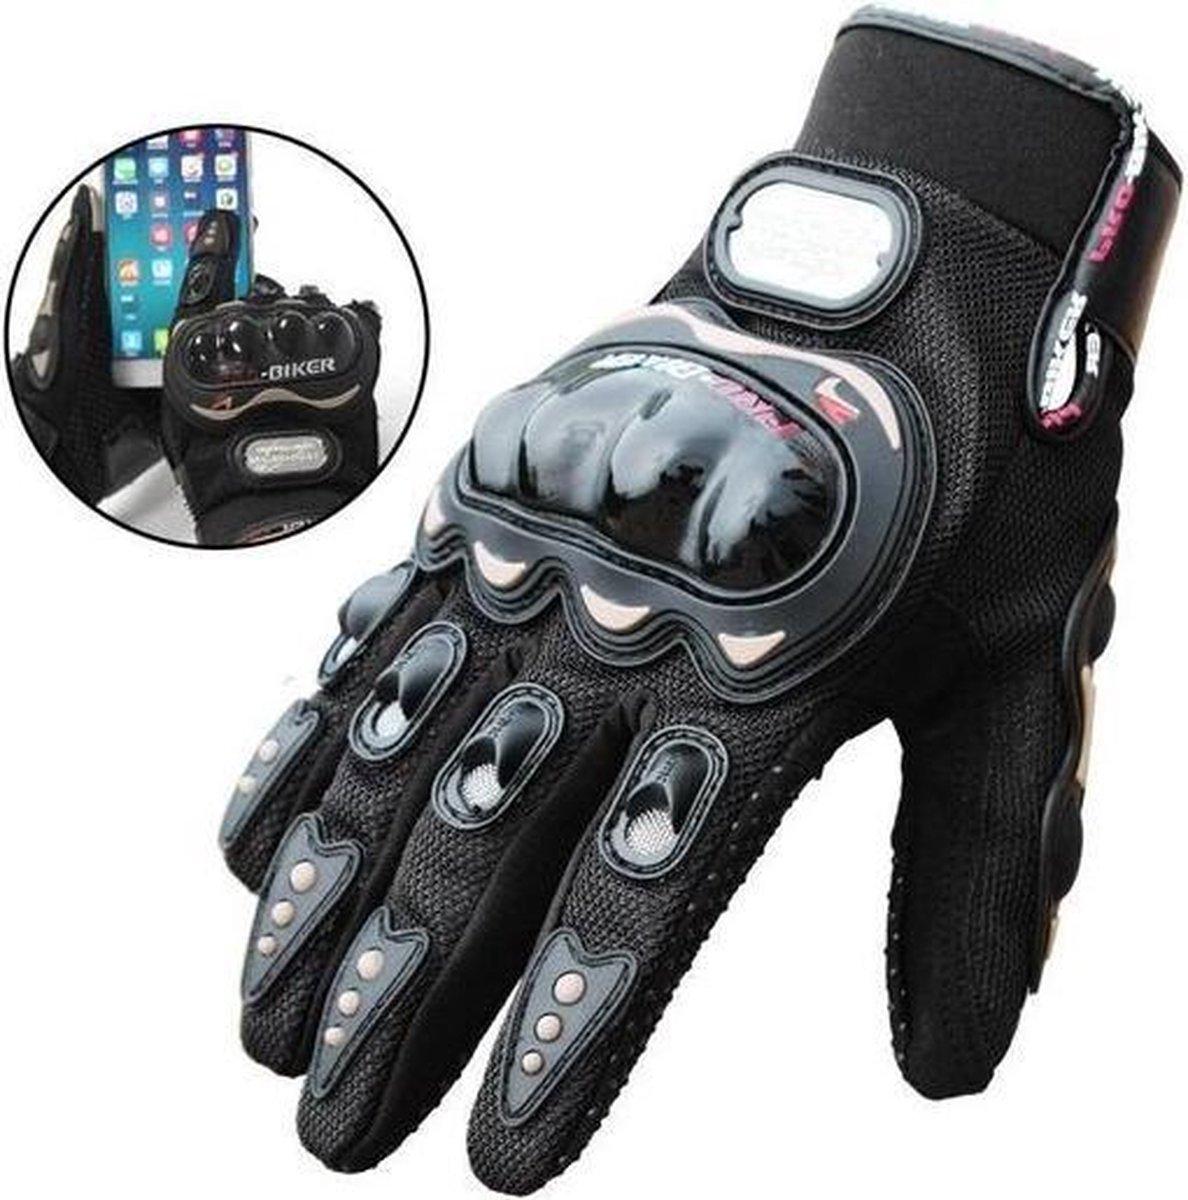 Motorhandschoenen - Zwart - Handschoenen Motor & Scooter - Maat L - Touchscreen - Bescherming